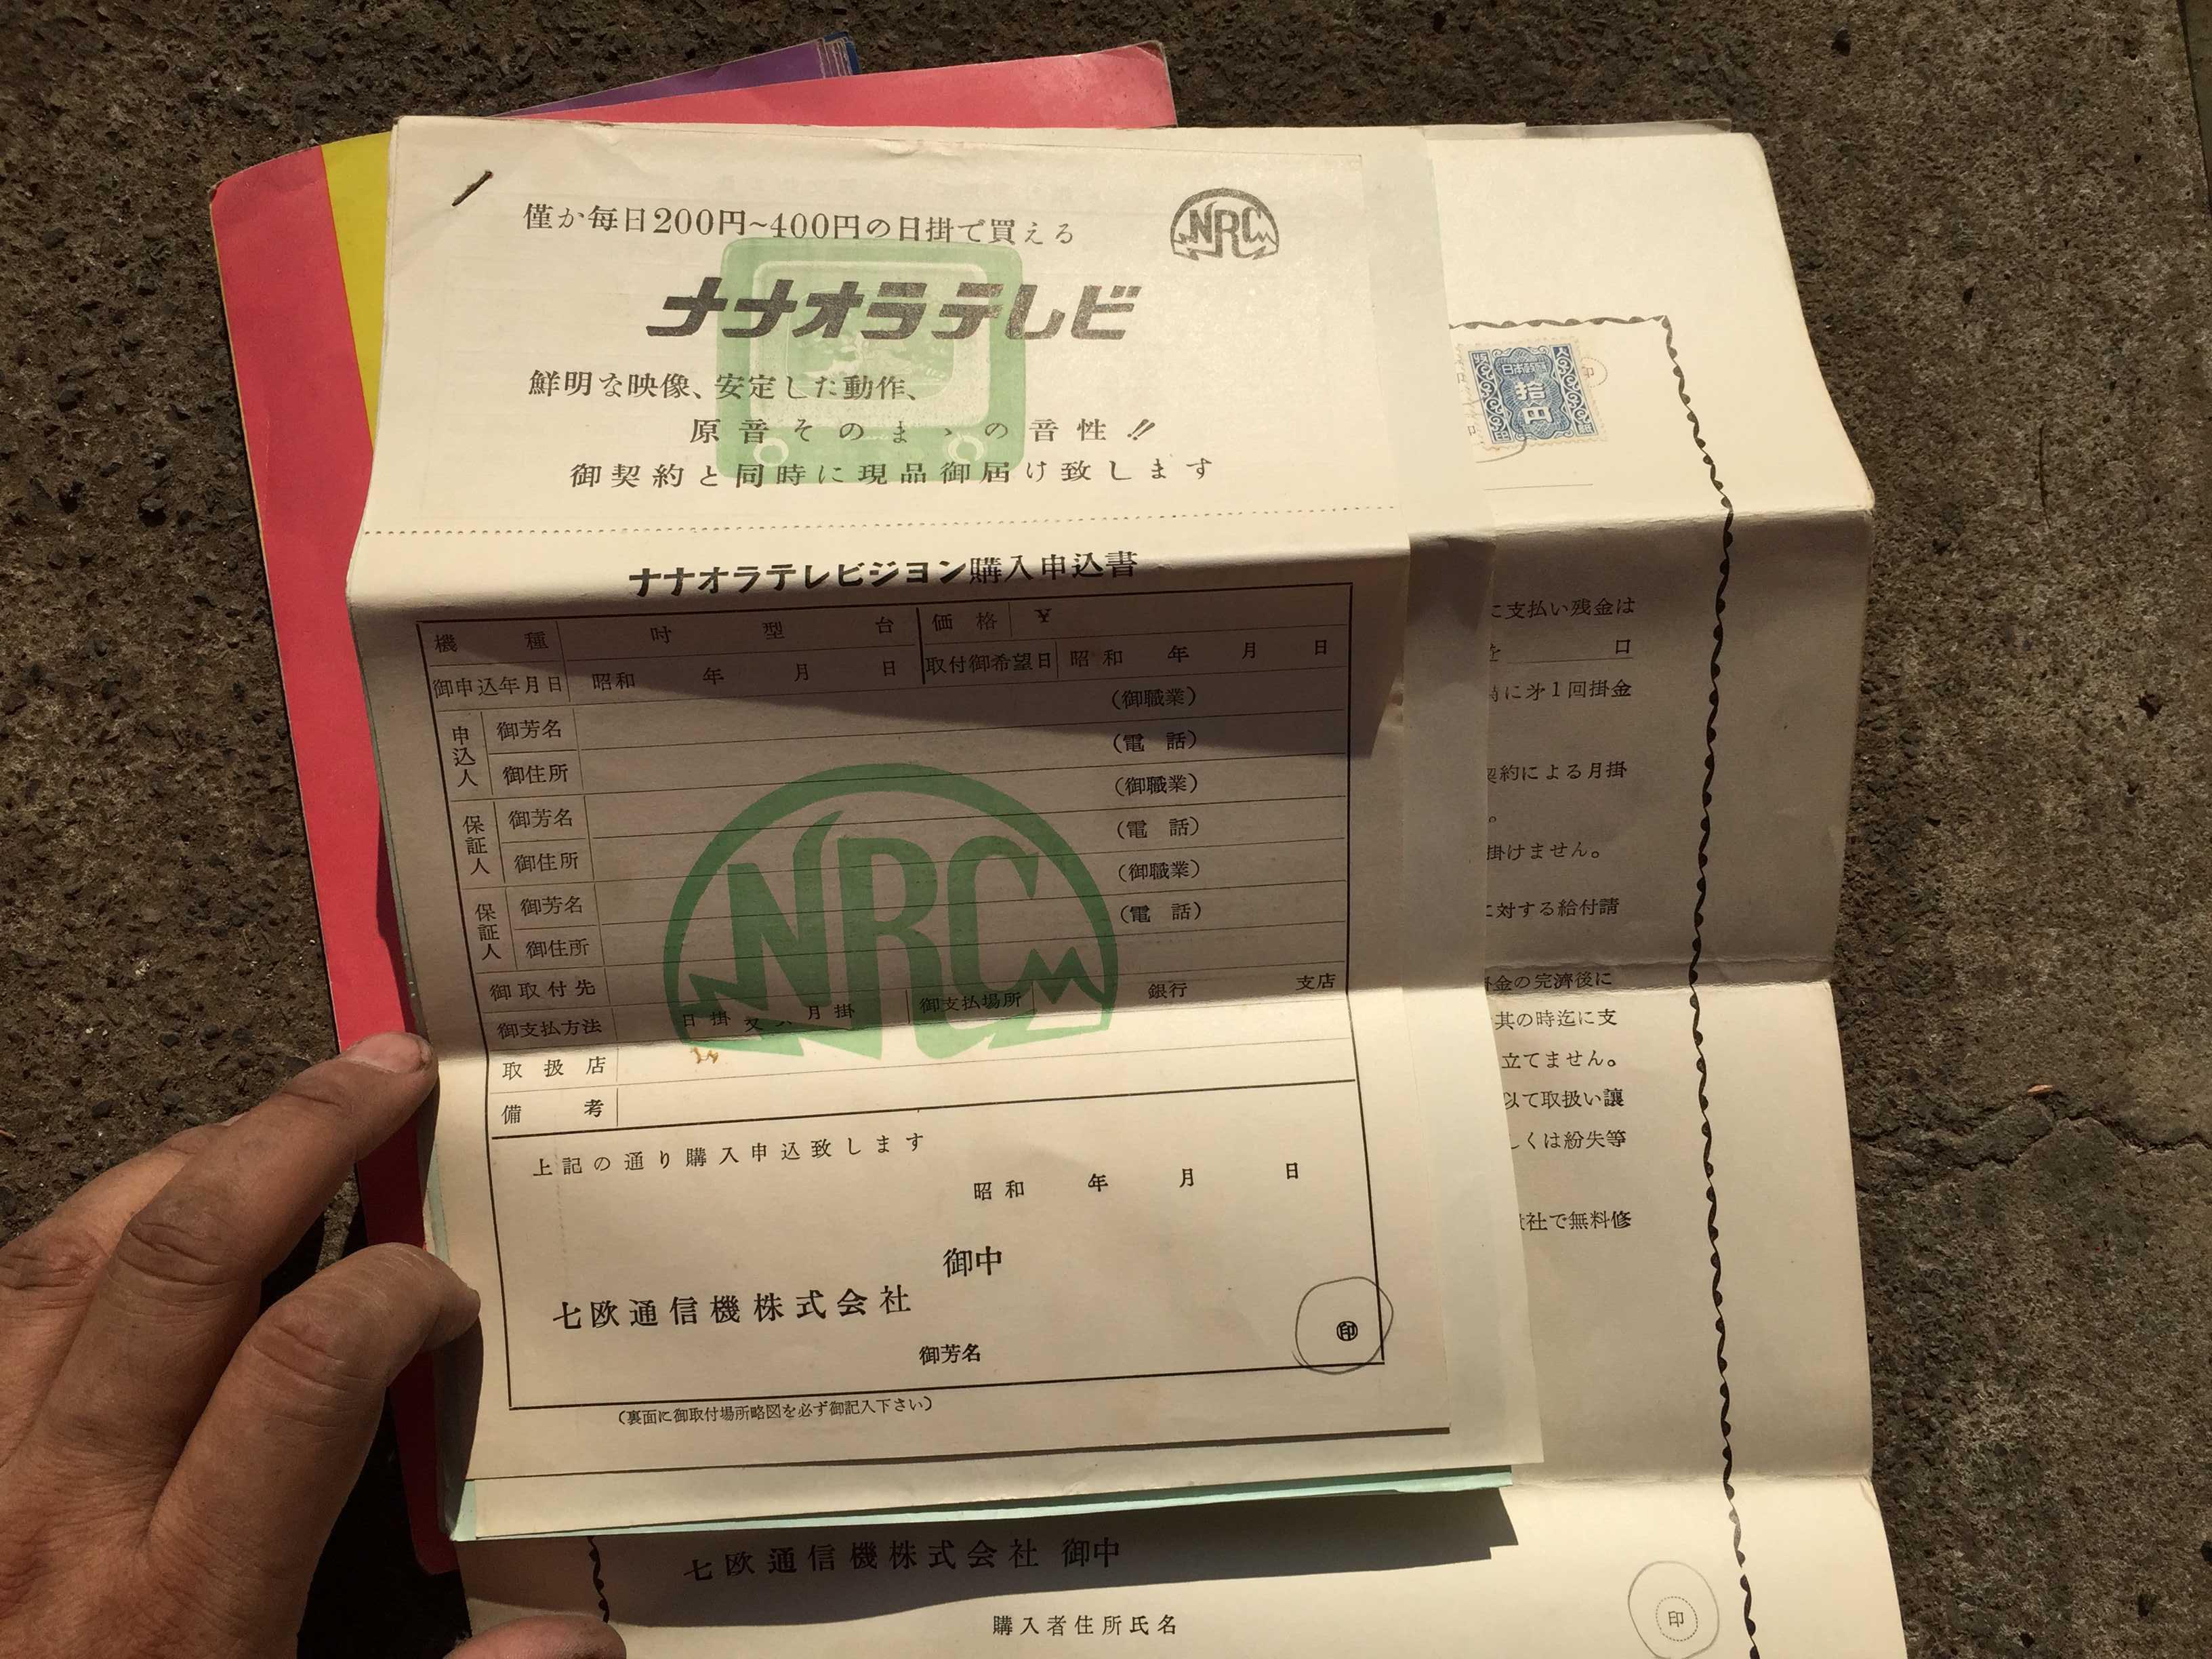 ナナオラテレビジョン購入申込書(七欧通信機株式会社)